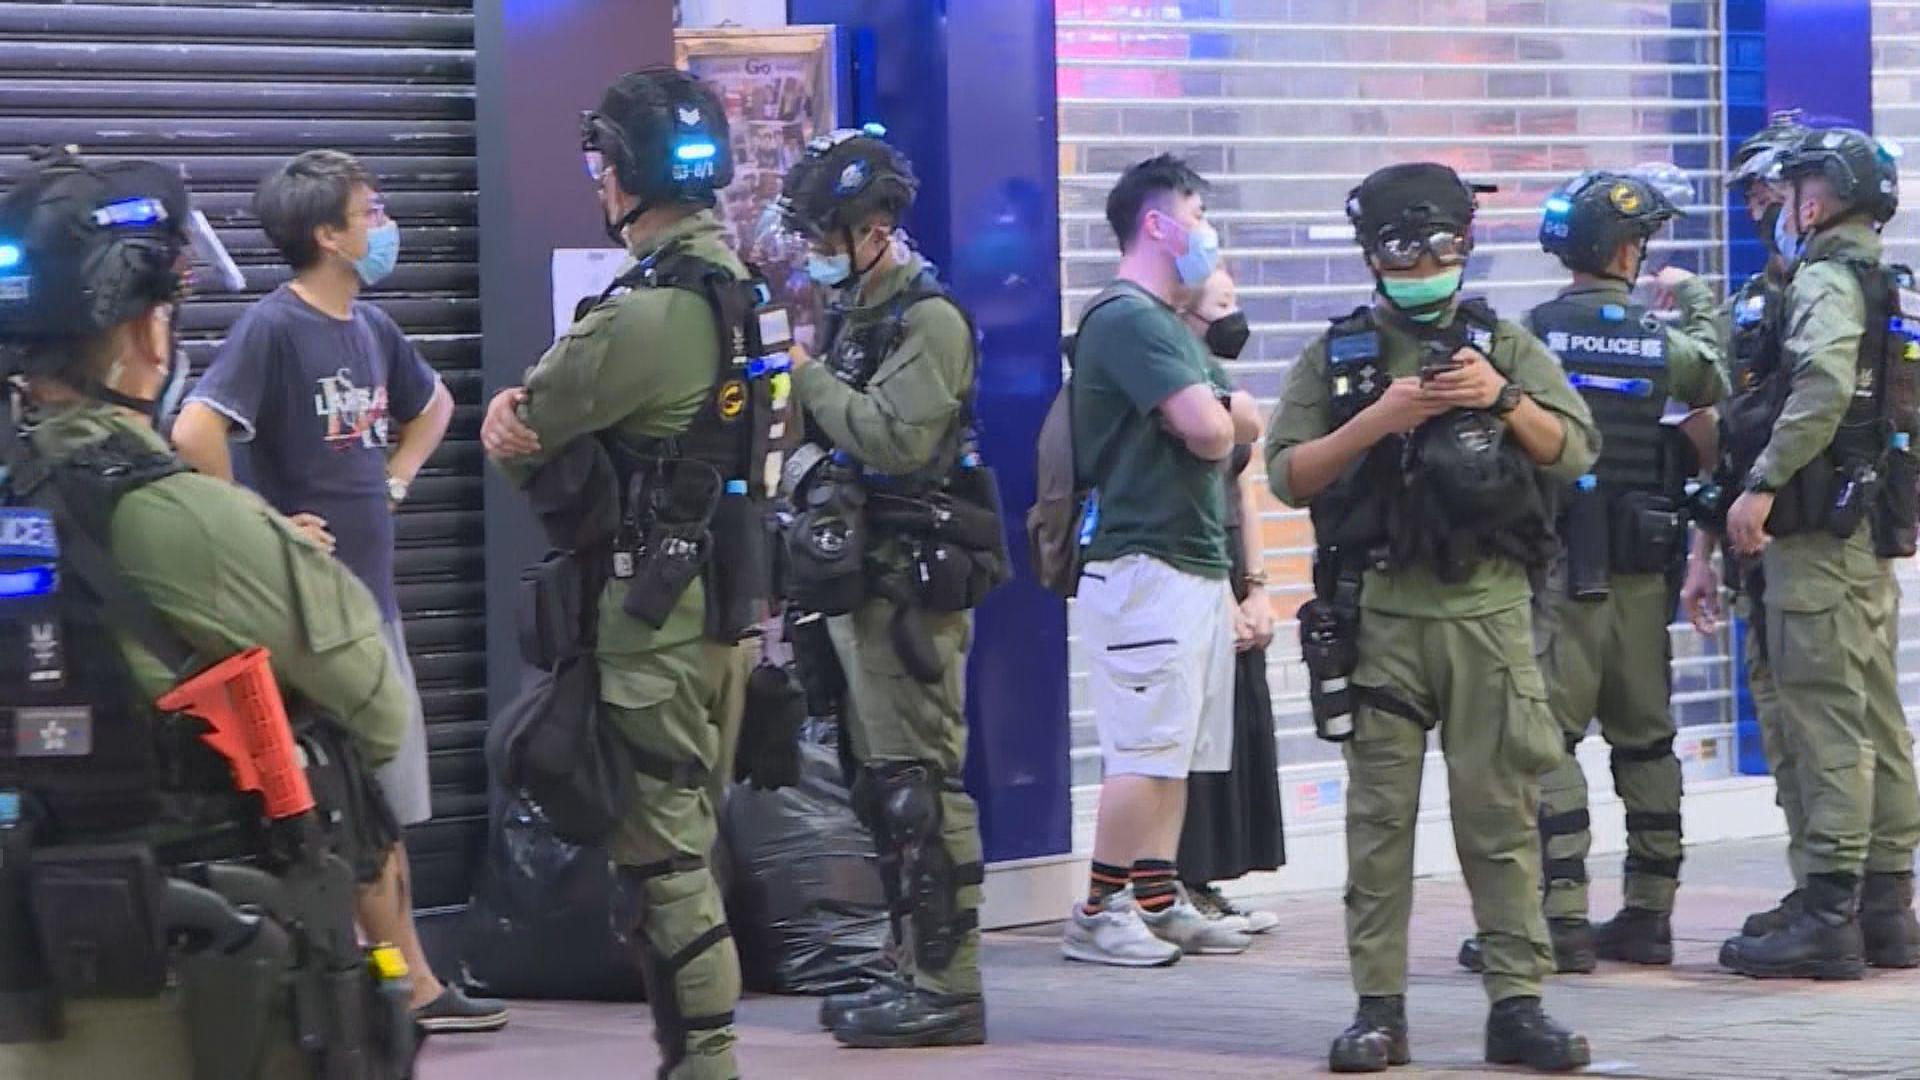 警方晚上旺角戒備 截查車輛及途人